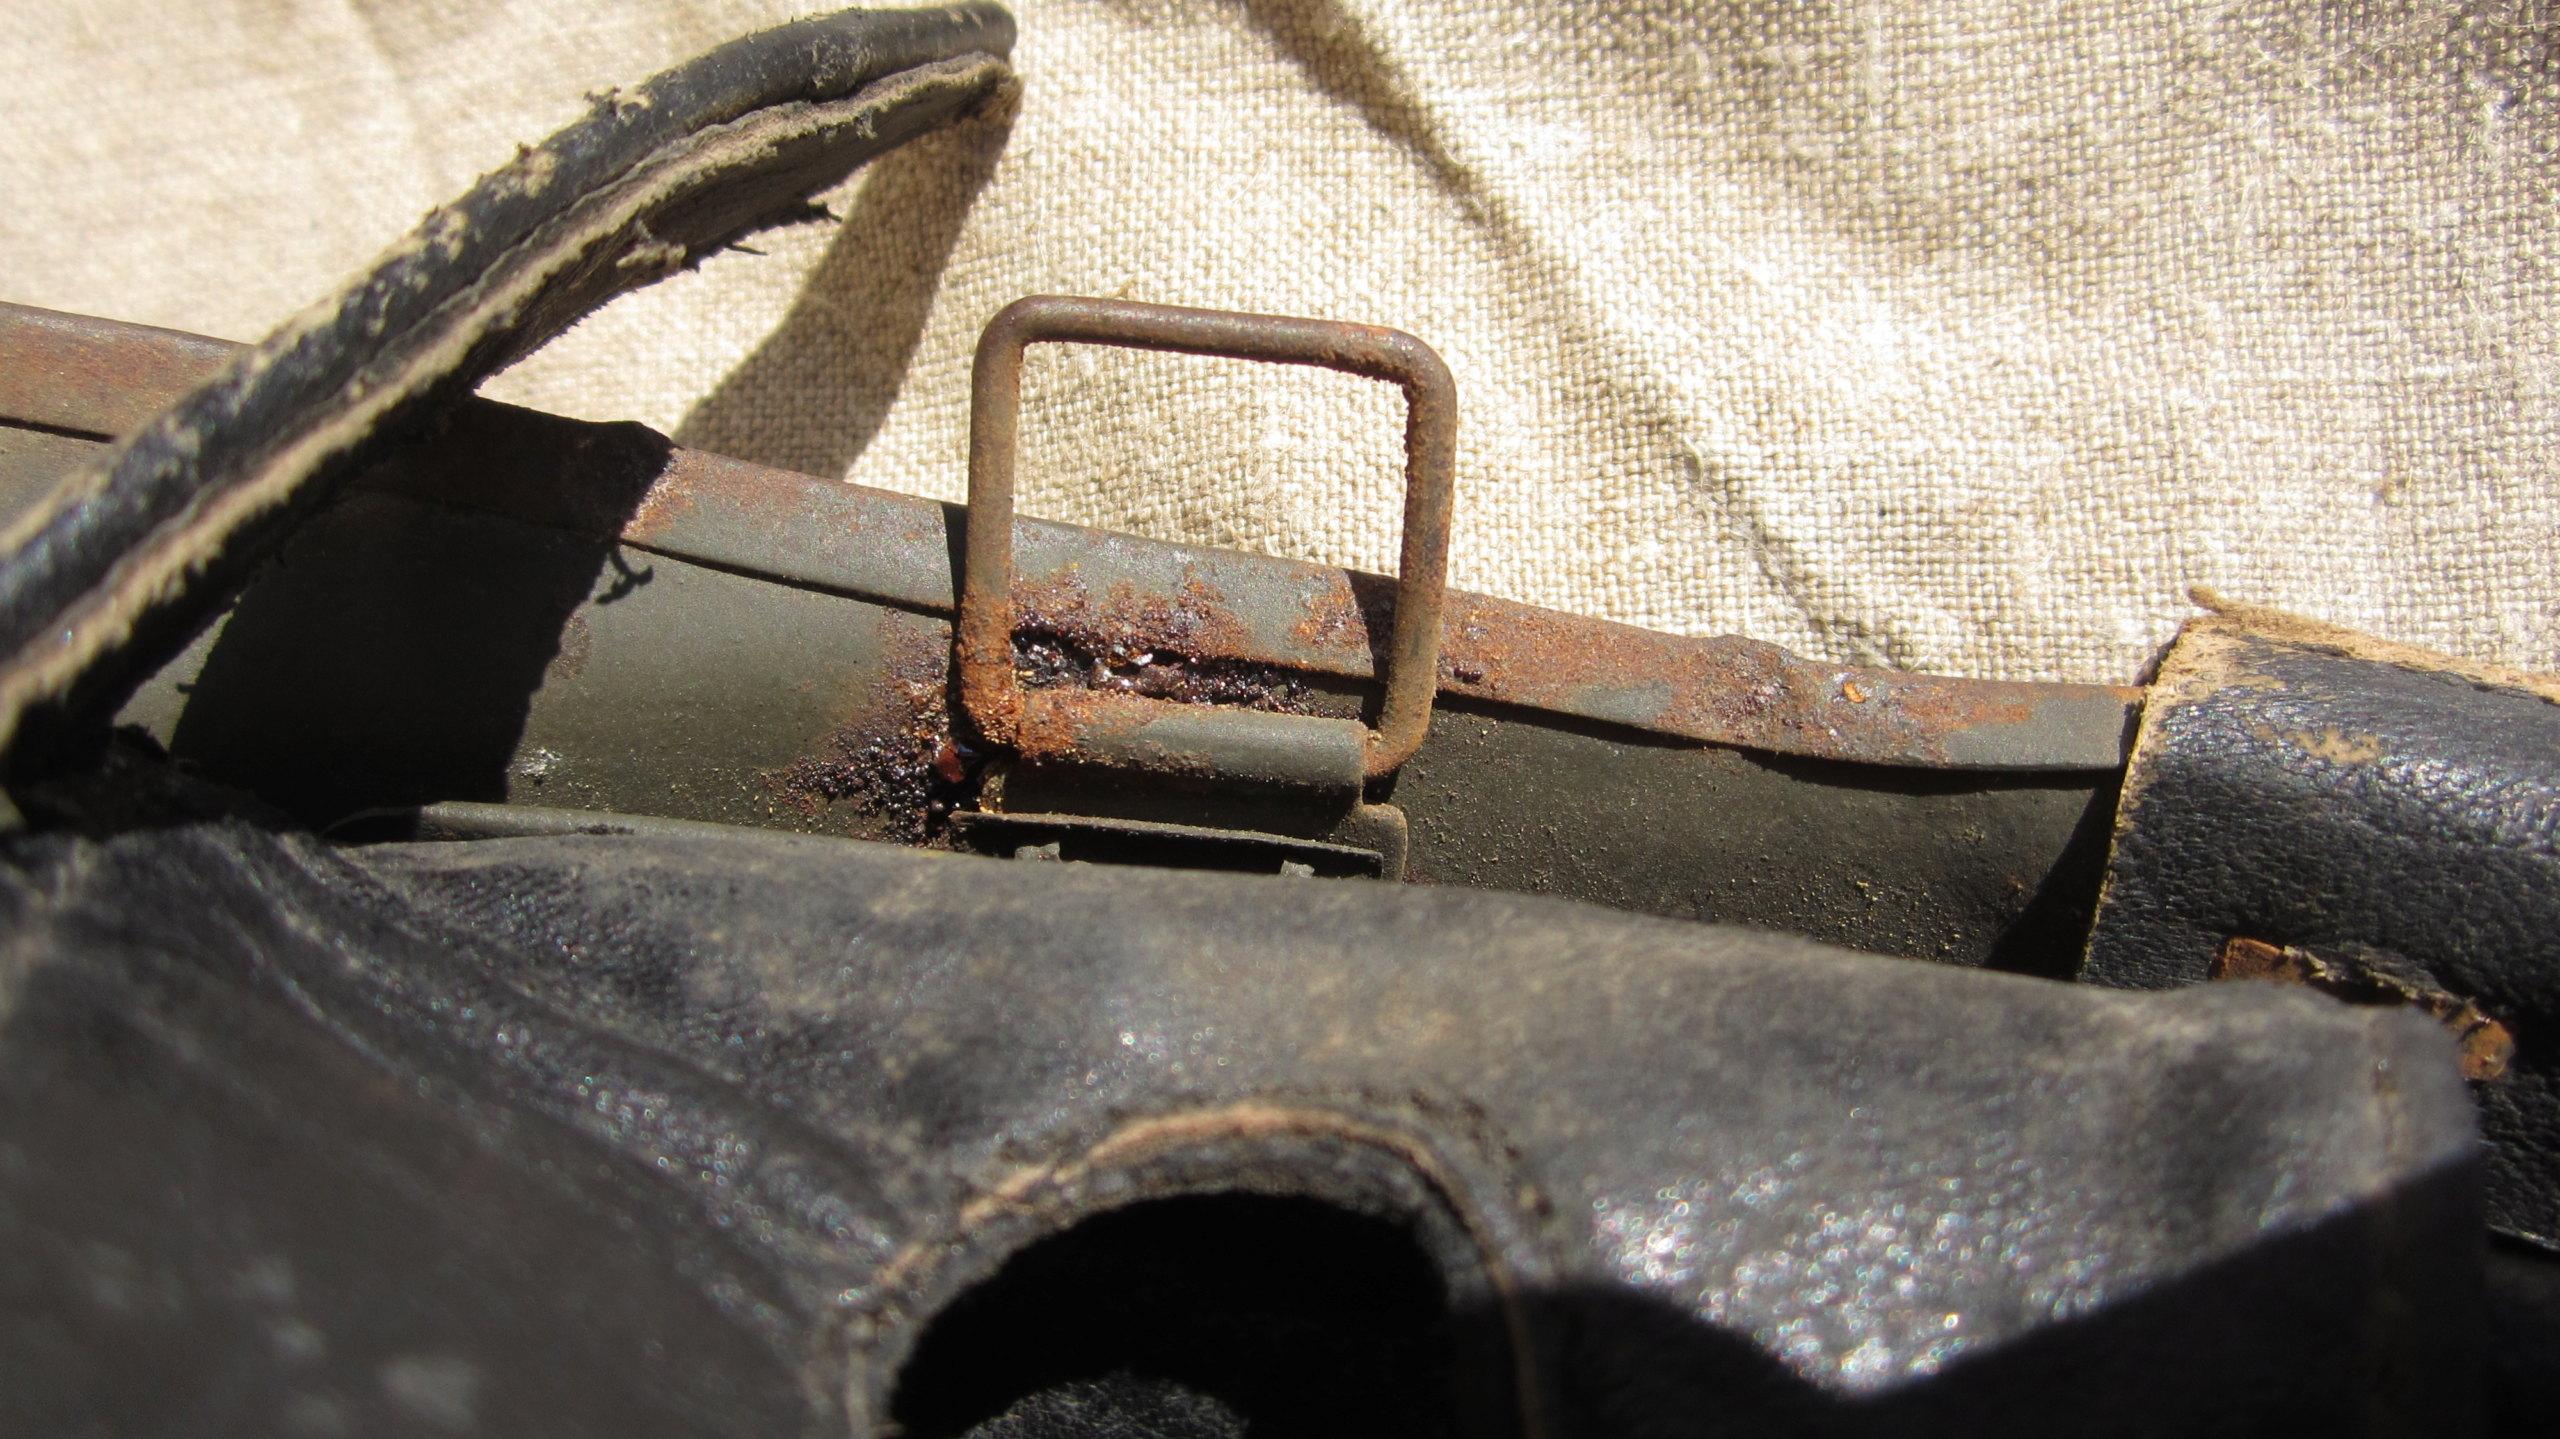 Casque Tanquiste Fr 1940 ? Img_4261